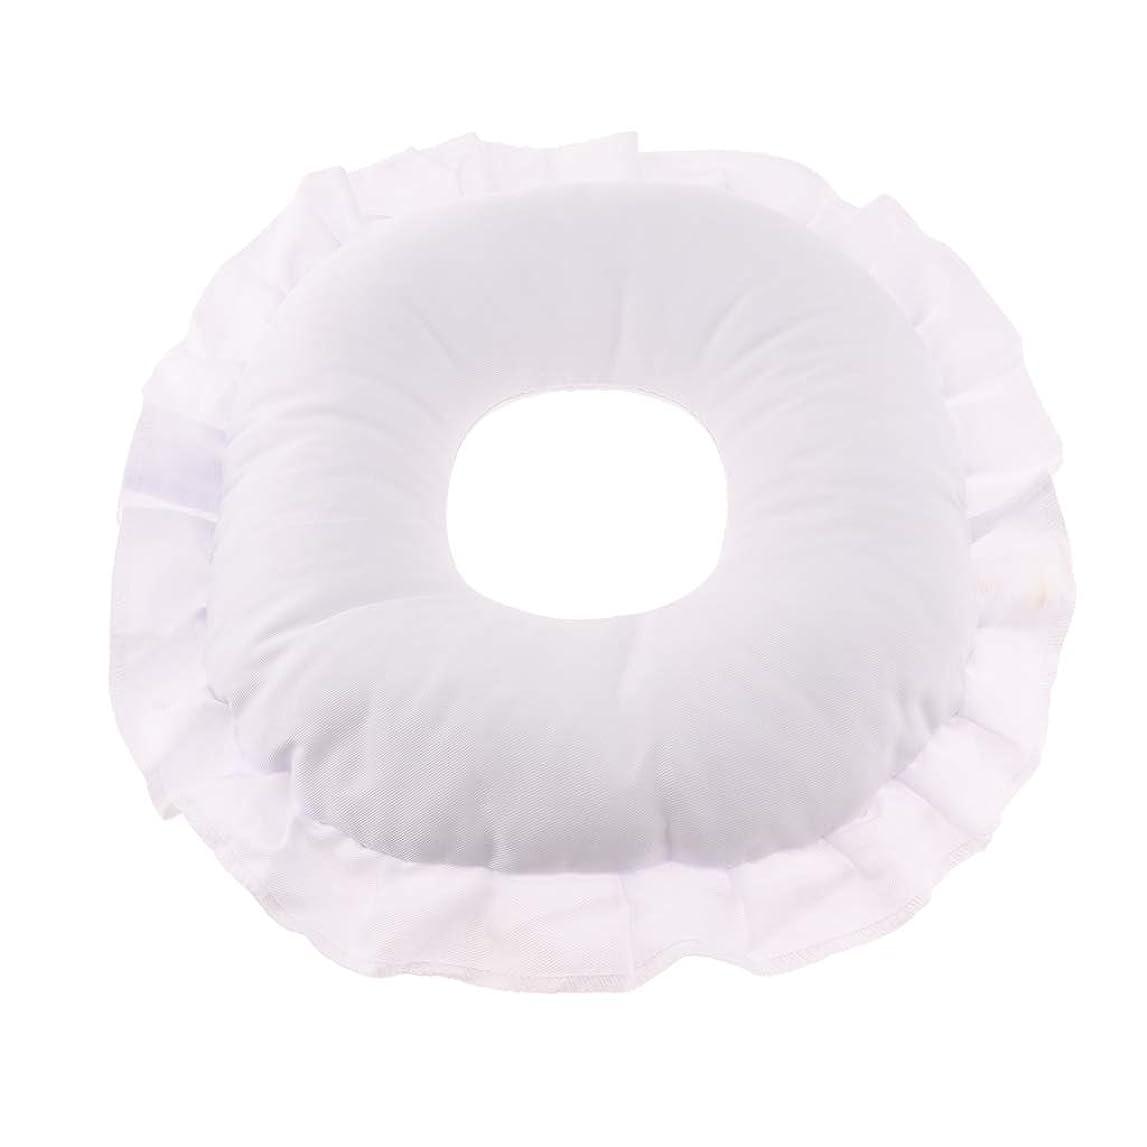 知らせる頑張る原始的なFenteer マッサージテーブルピロー フェイスピロー 顔枕 フェイスクッション 柔軟 洗えるカバー 全3色 - 白